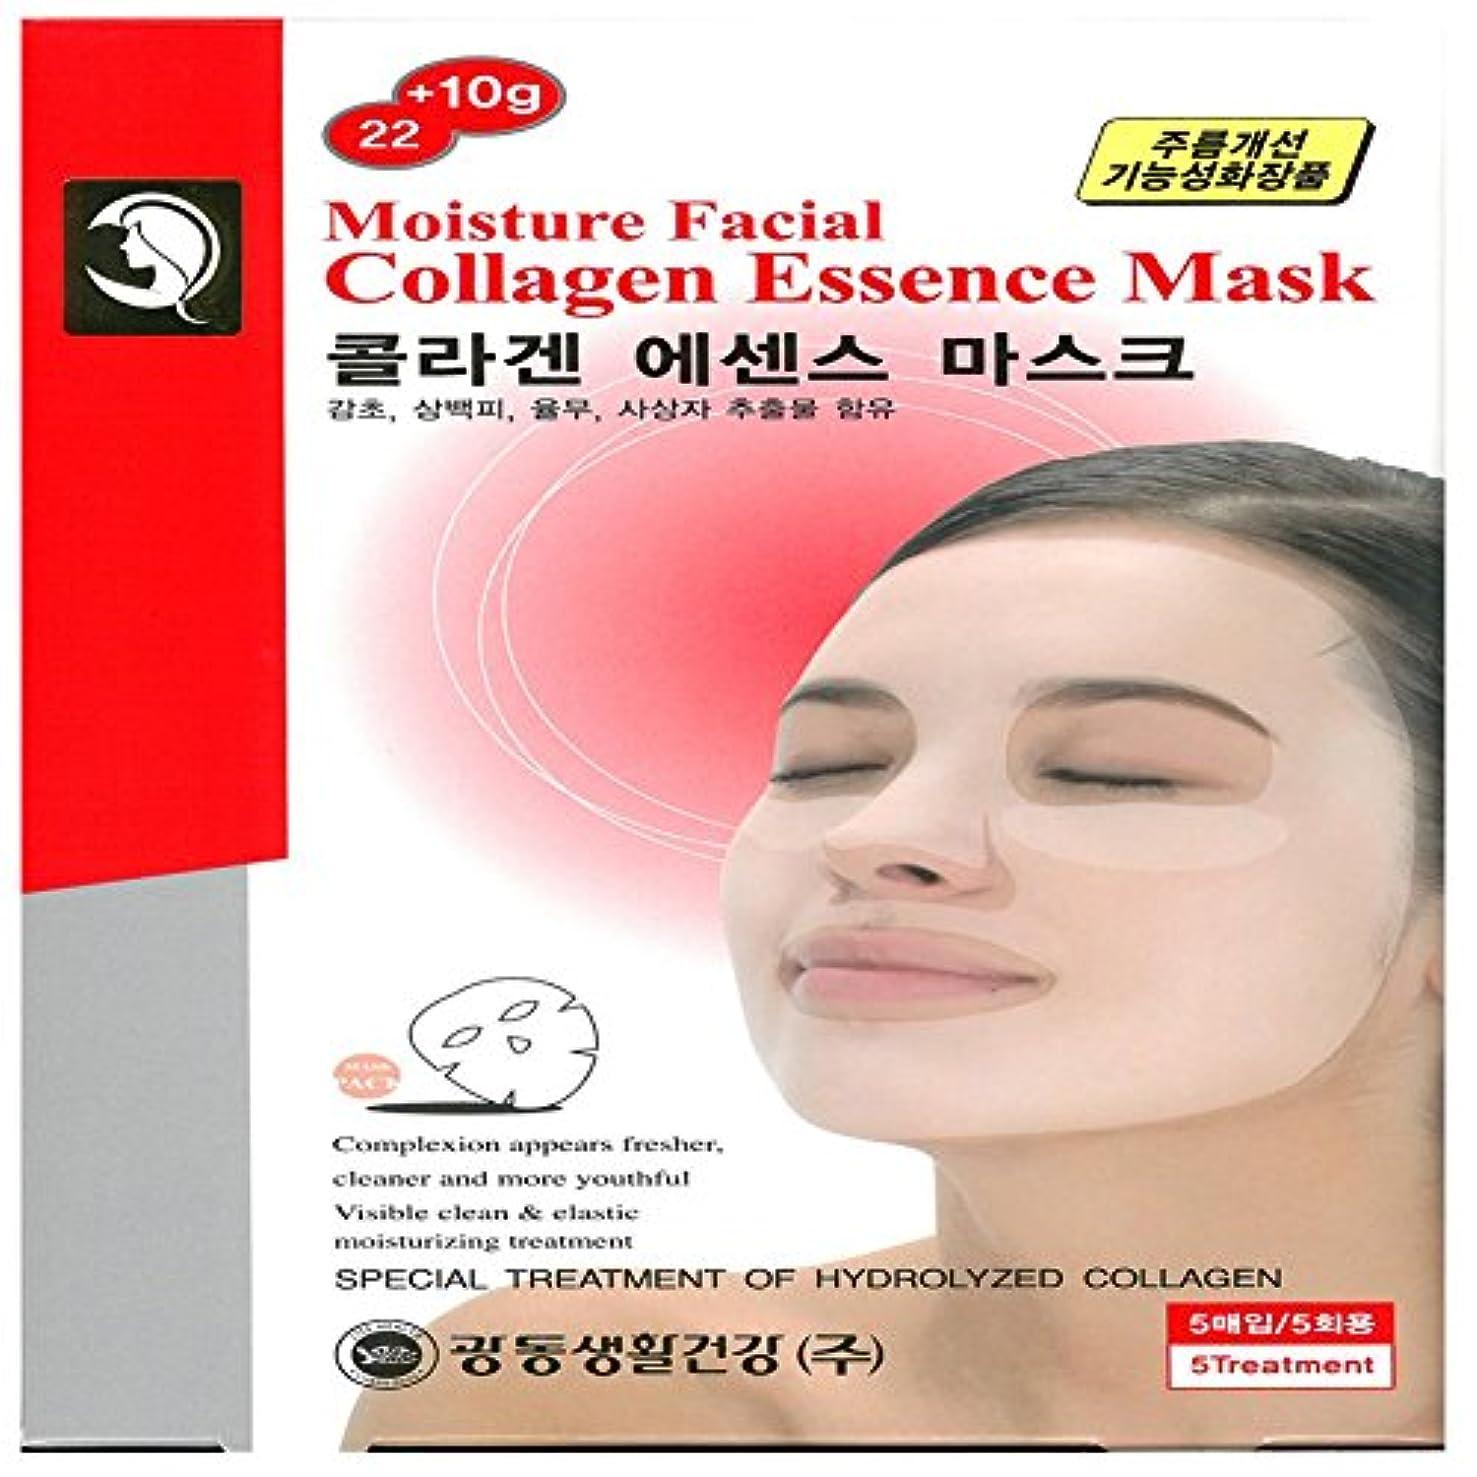 存在する国歌歴史的[光東] kwangdong モイスチャーフェイシャルコラーゲンエッセンスマスク Moisture Facial Collagen Essence Mask 32gX5ea (海外直送品) [並行輸入品]